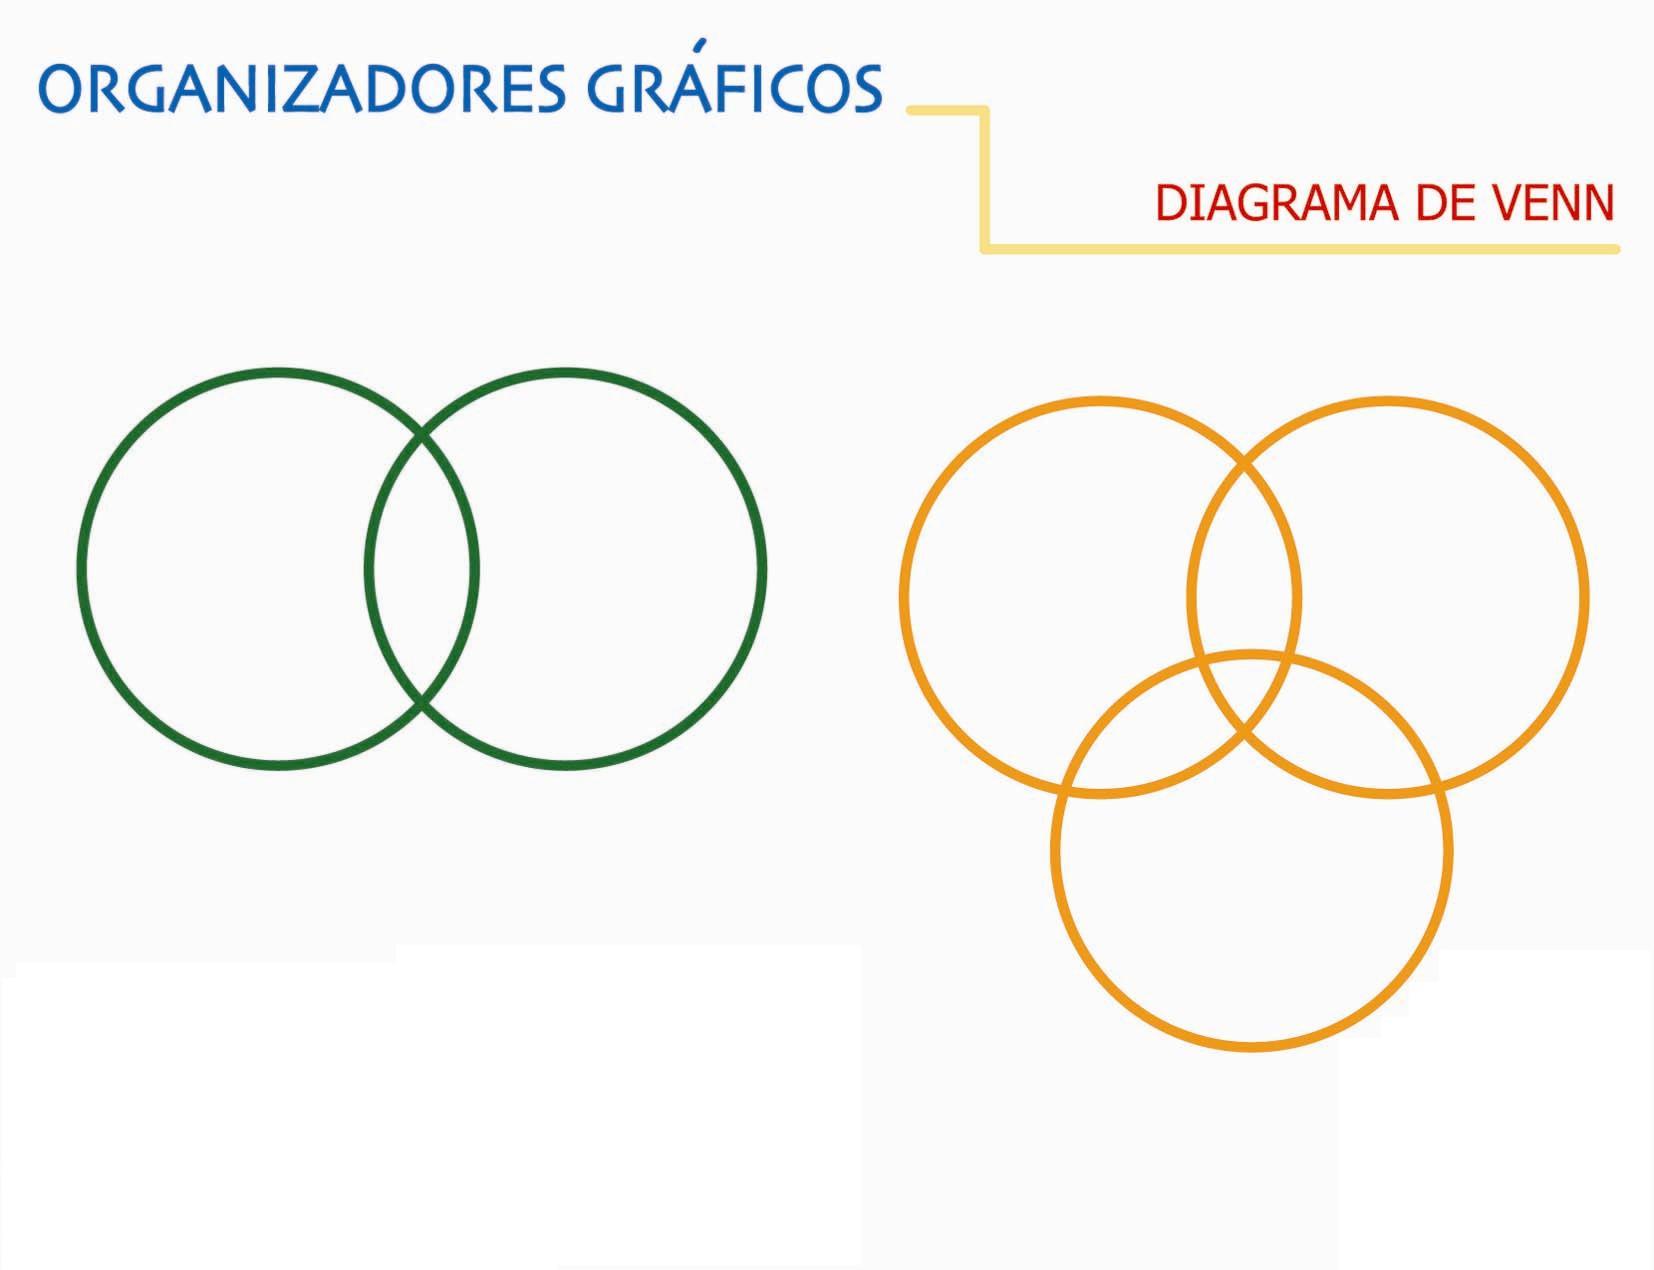 Diagrama venn pearltrees diagrama venn ccuart Choice Image